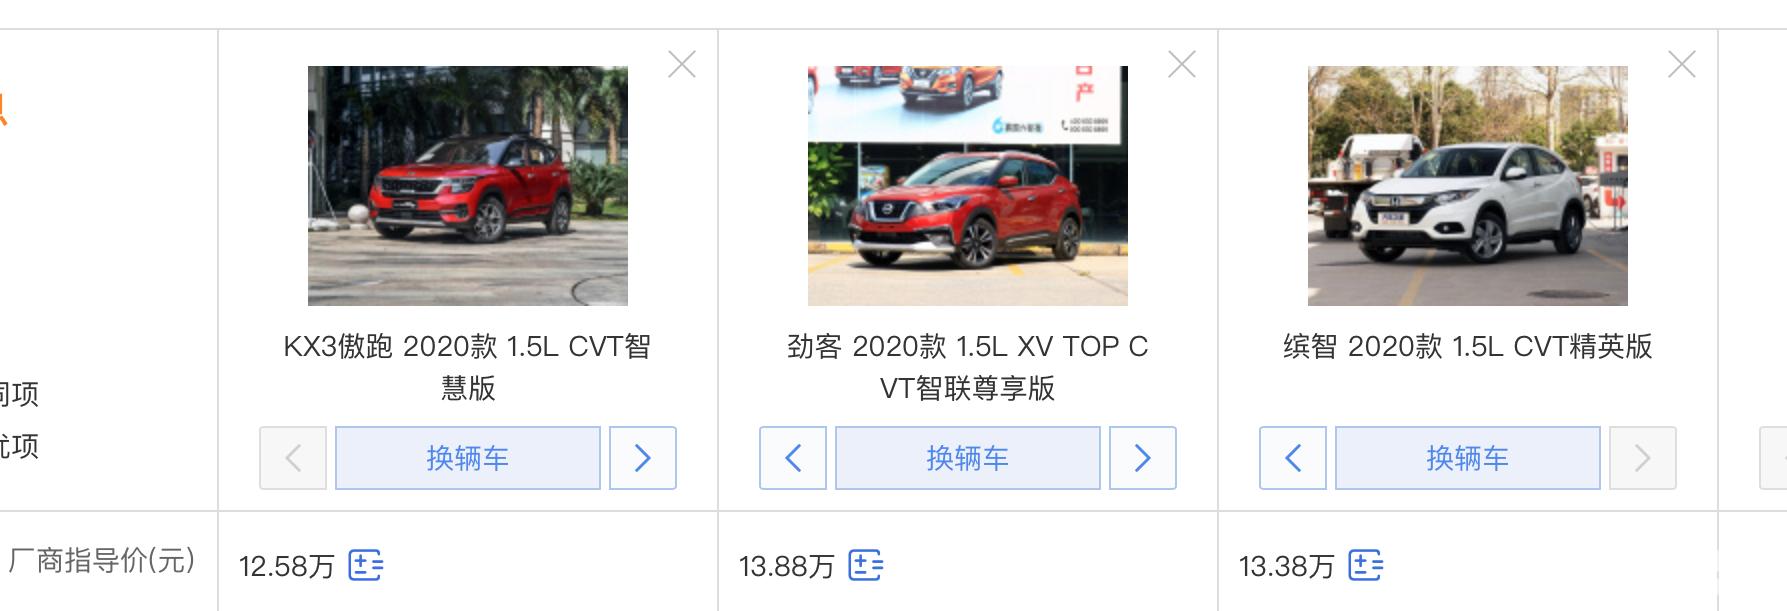 10万级合资SUV,本田缤智、起亚傲跑、日产劲客怎么选?